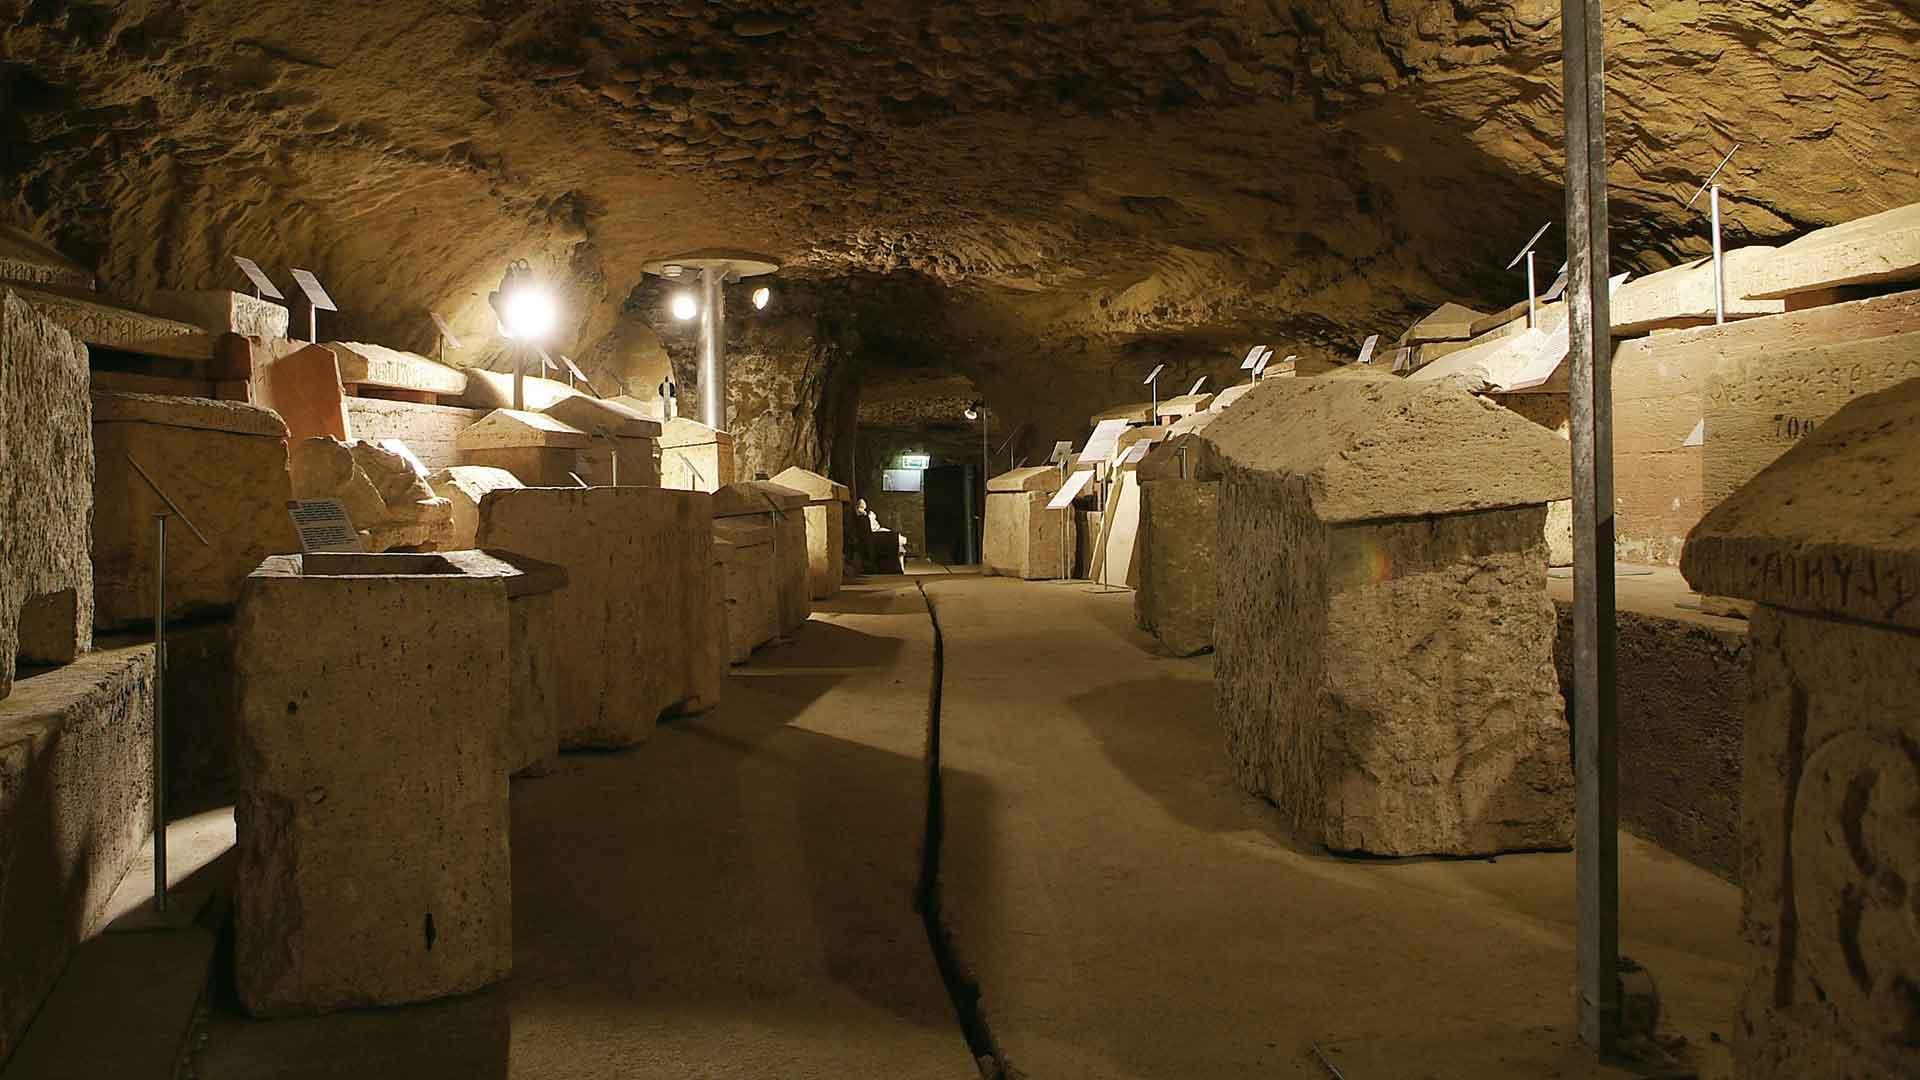 visit-chiusi_museo-civico-la-citta-sotterranea_1920x1080